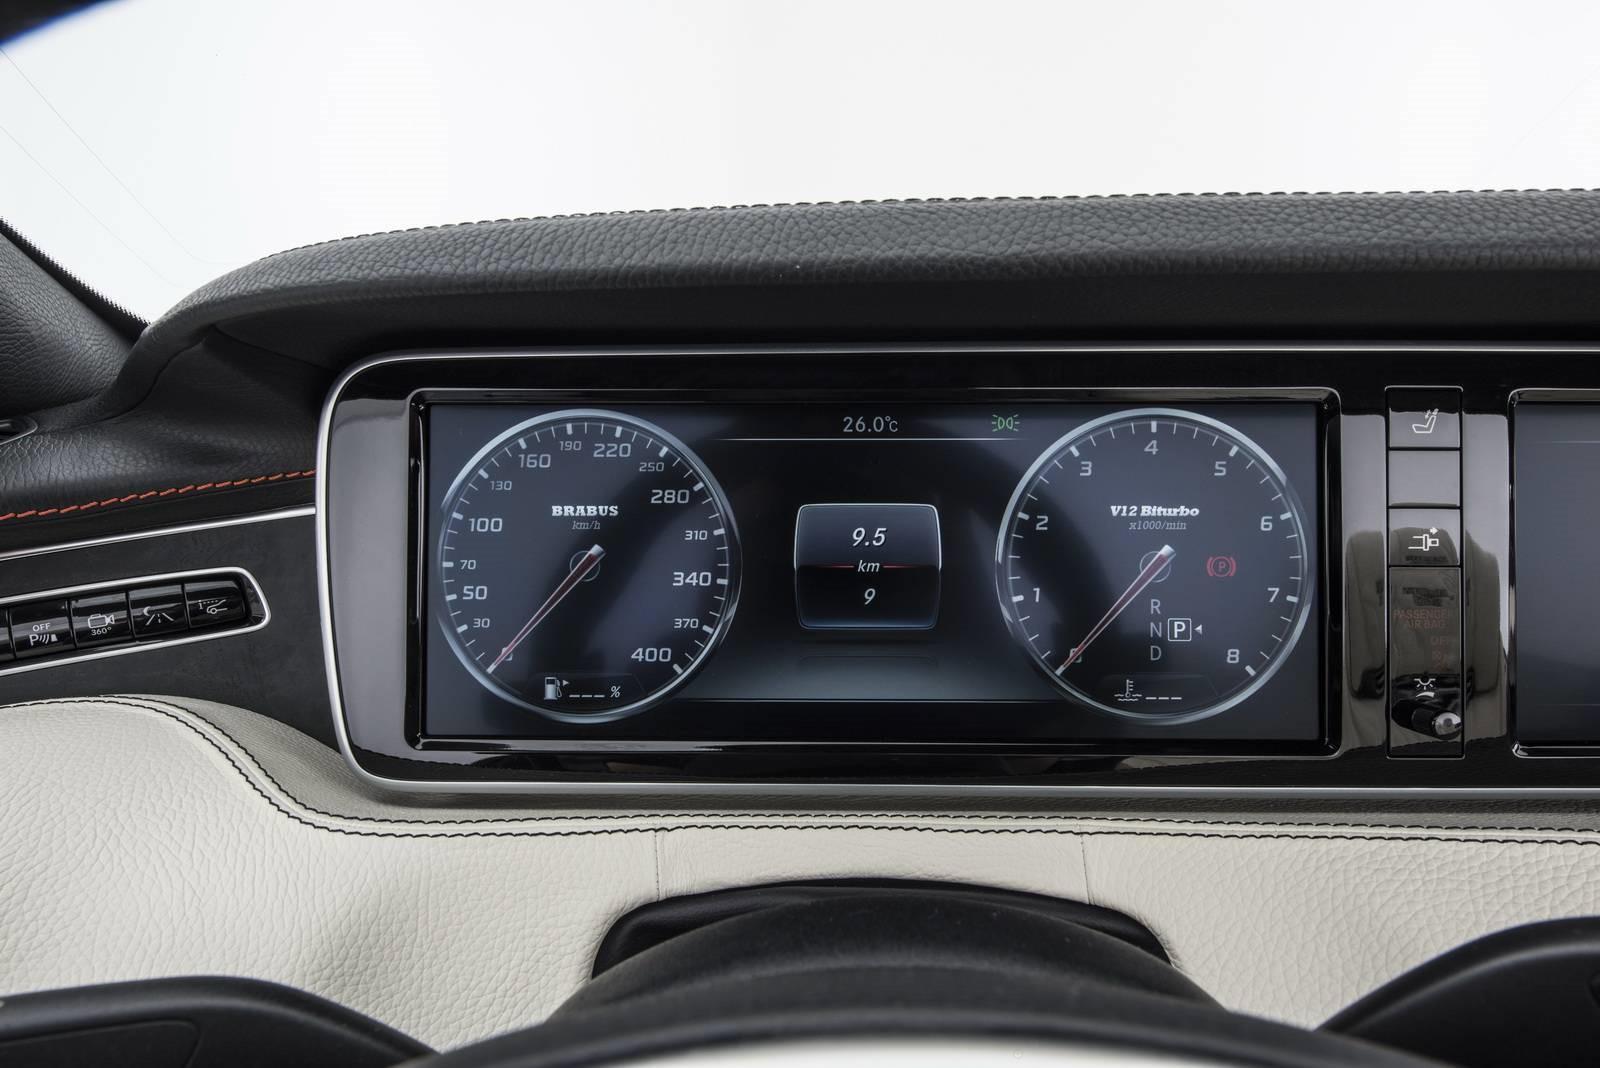 le-cabriolet-4-places-le-plus-puissant-et-le-plus-rapide-au-monde-brabus-rocket-900-cabriolet-411-9.jpg